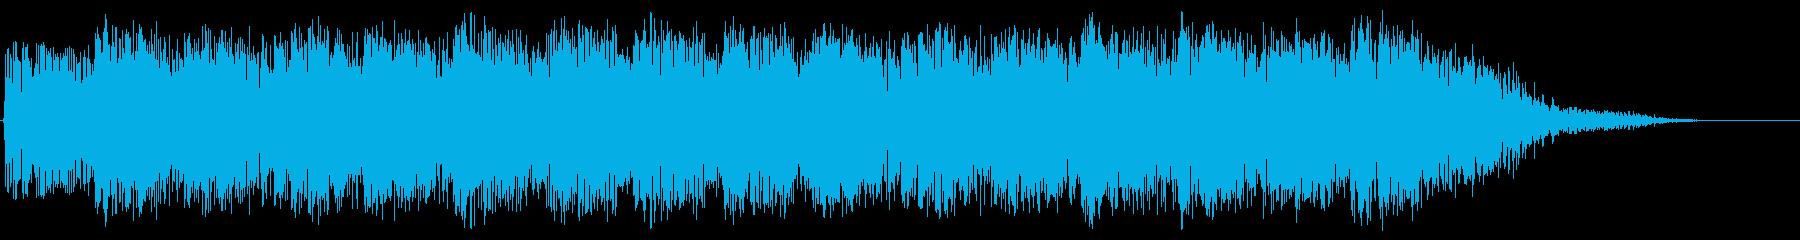 パンチの高速連打のイメージ(短め)の再生済みの波形